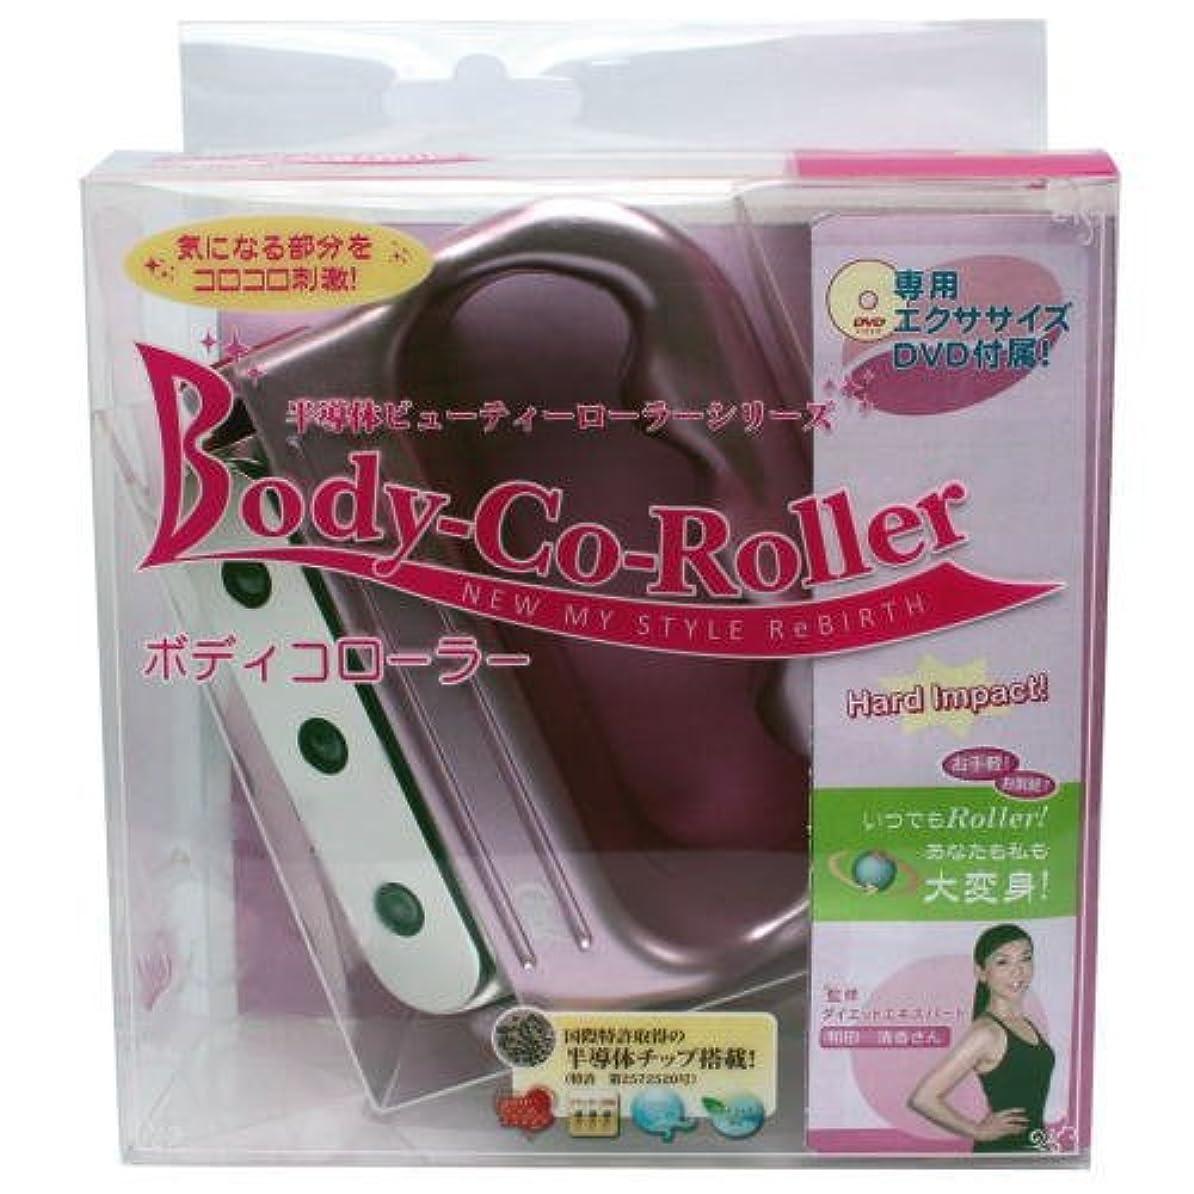 非行ミサイル早めるボディコローラー BCR-PS DVD付モデル